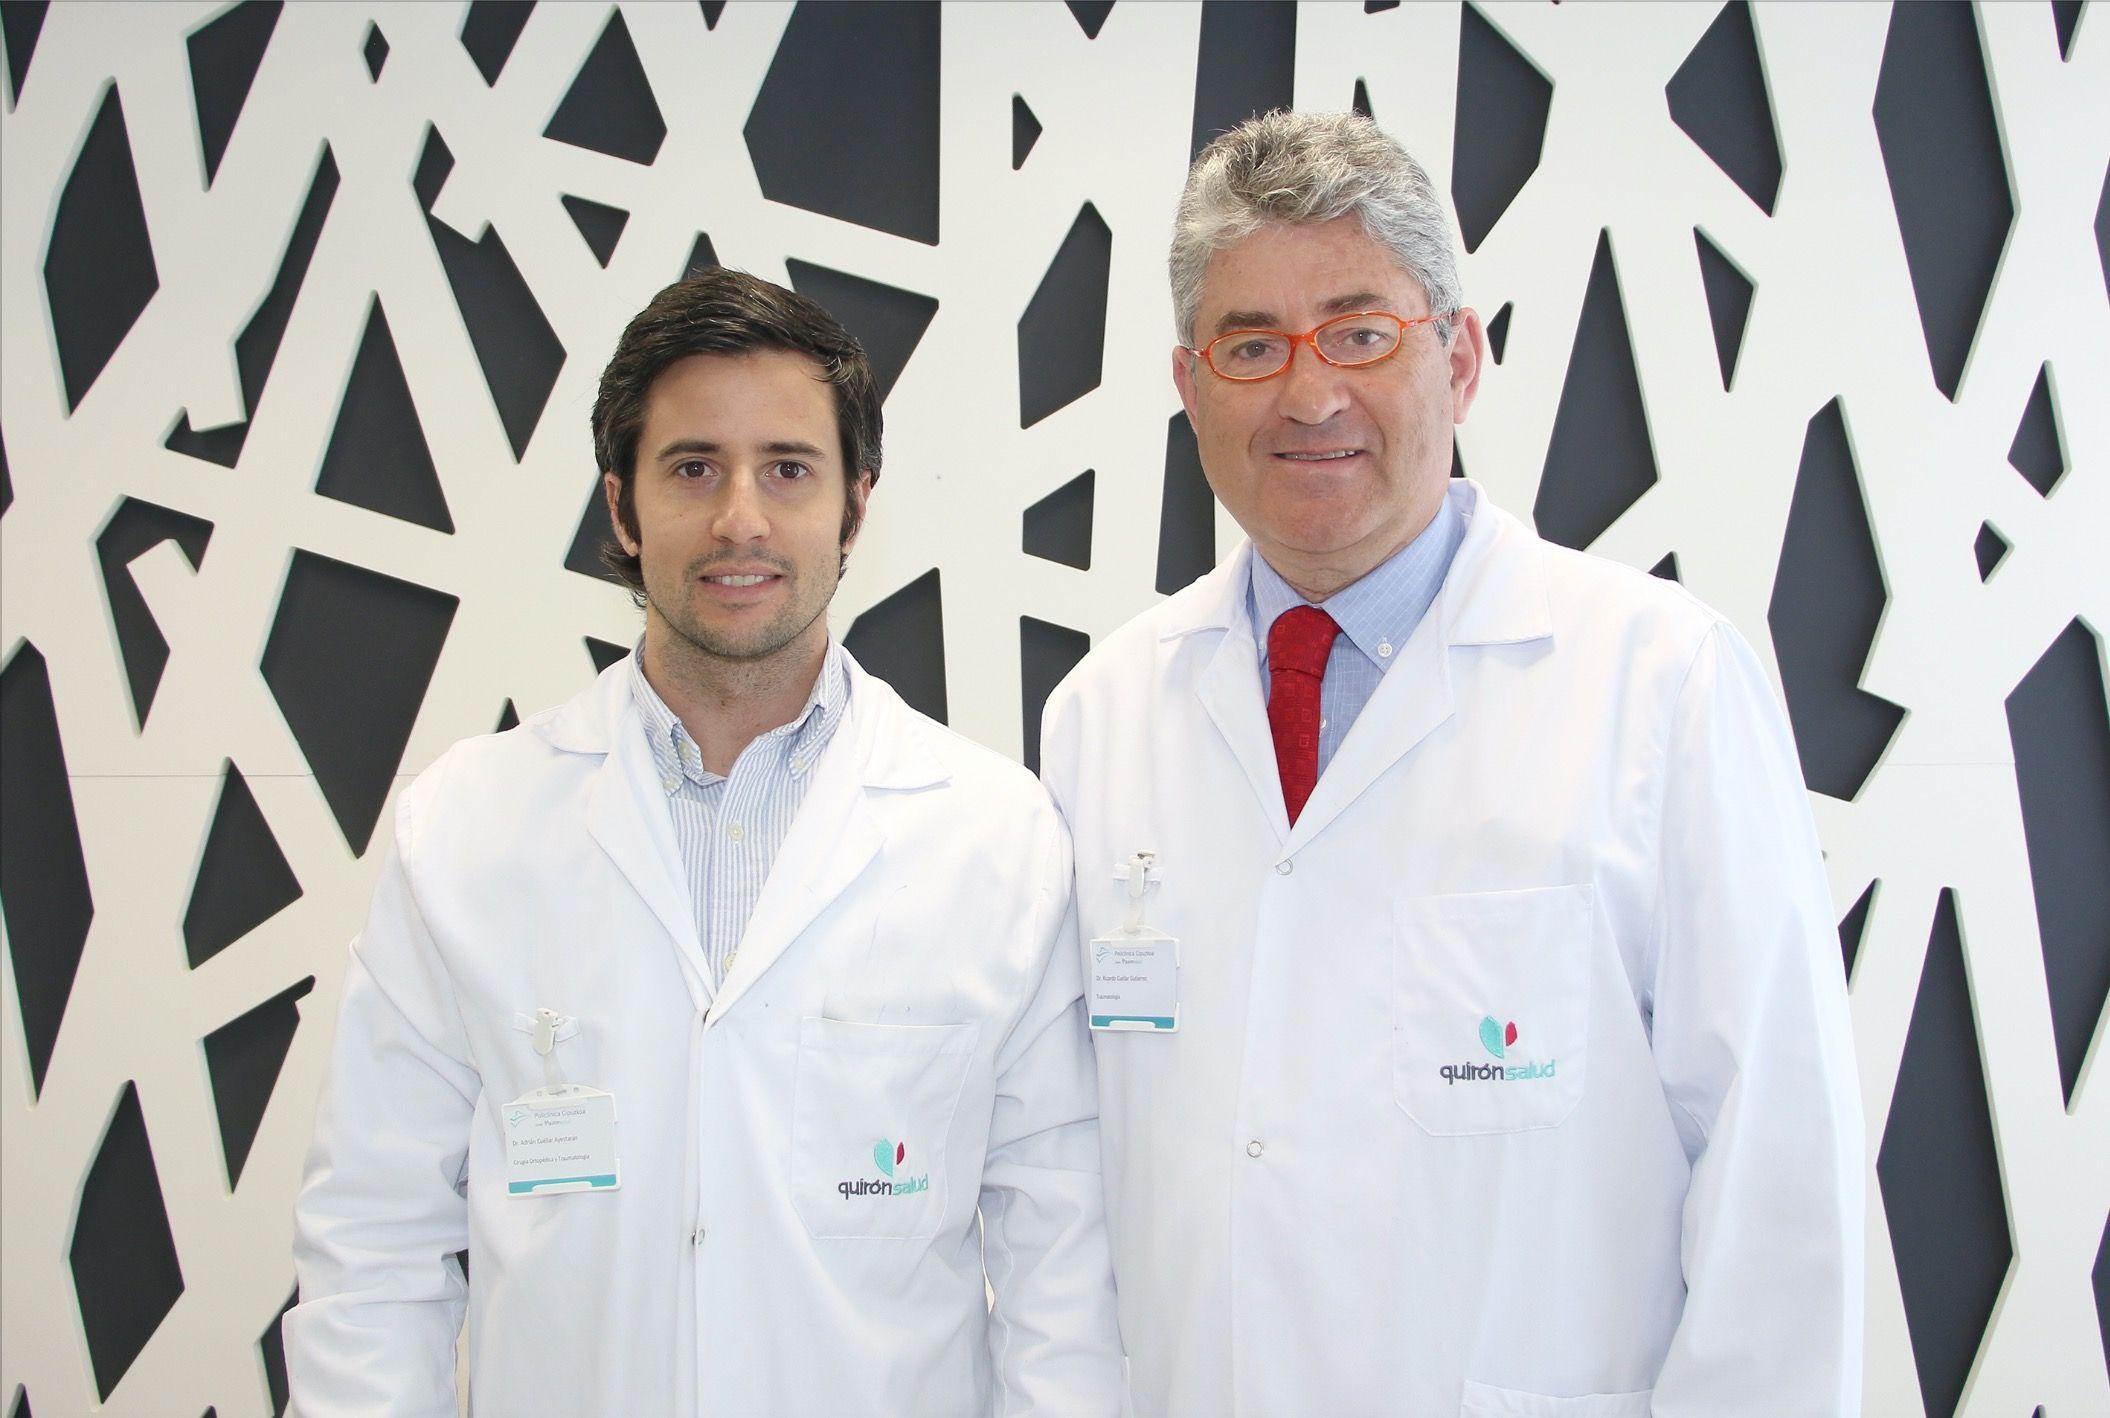 Foto de Aula de Salud: Prótesis personalizadas y cirugía